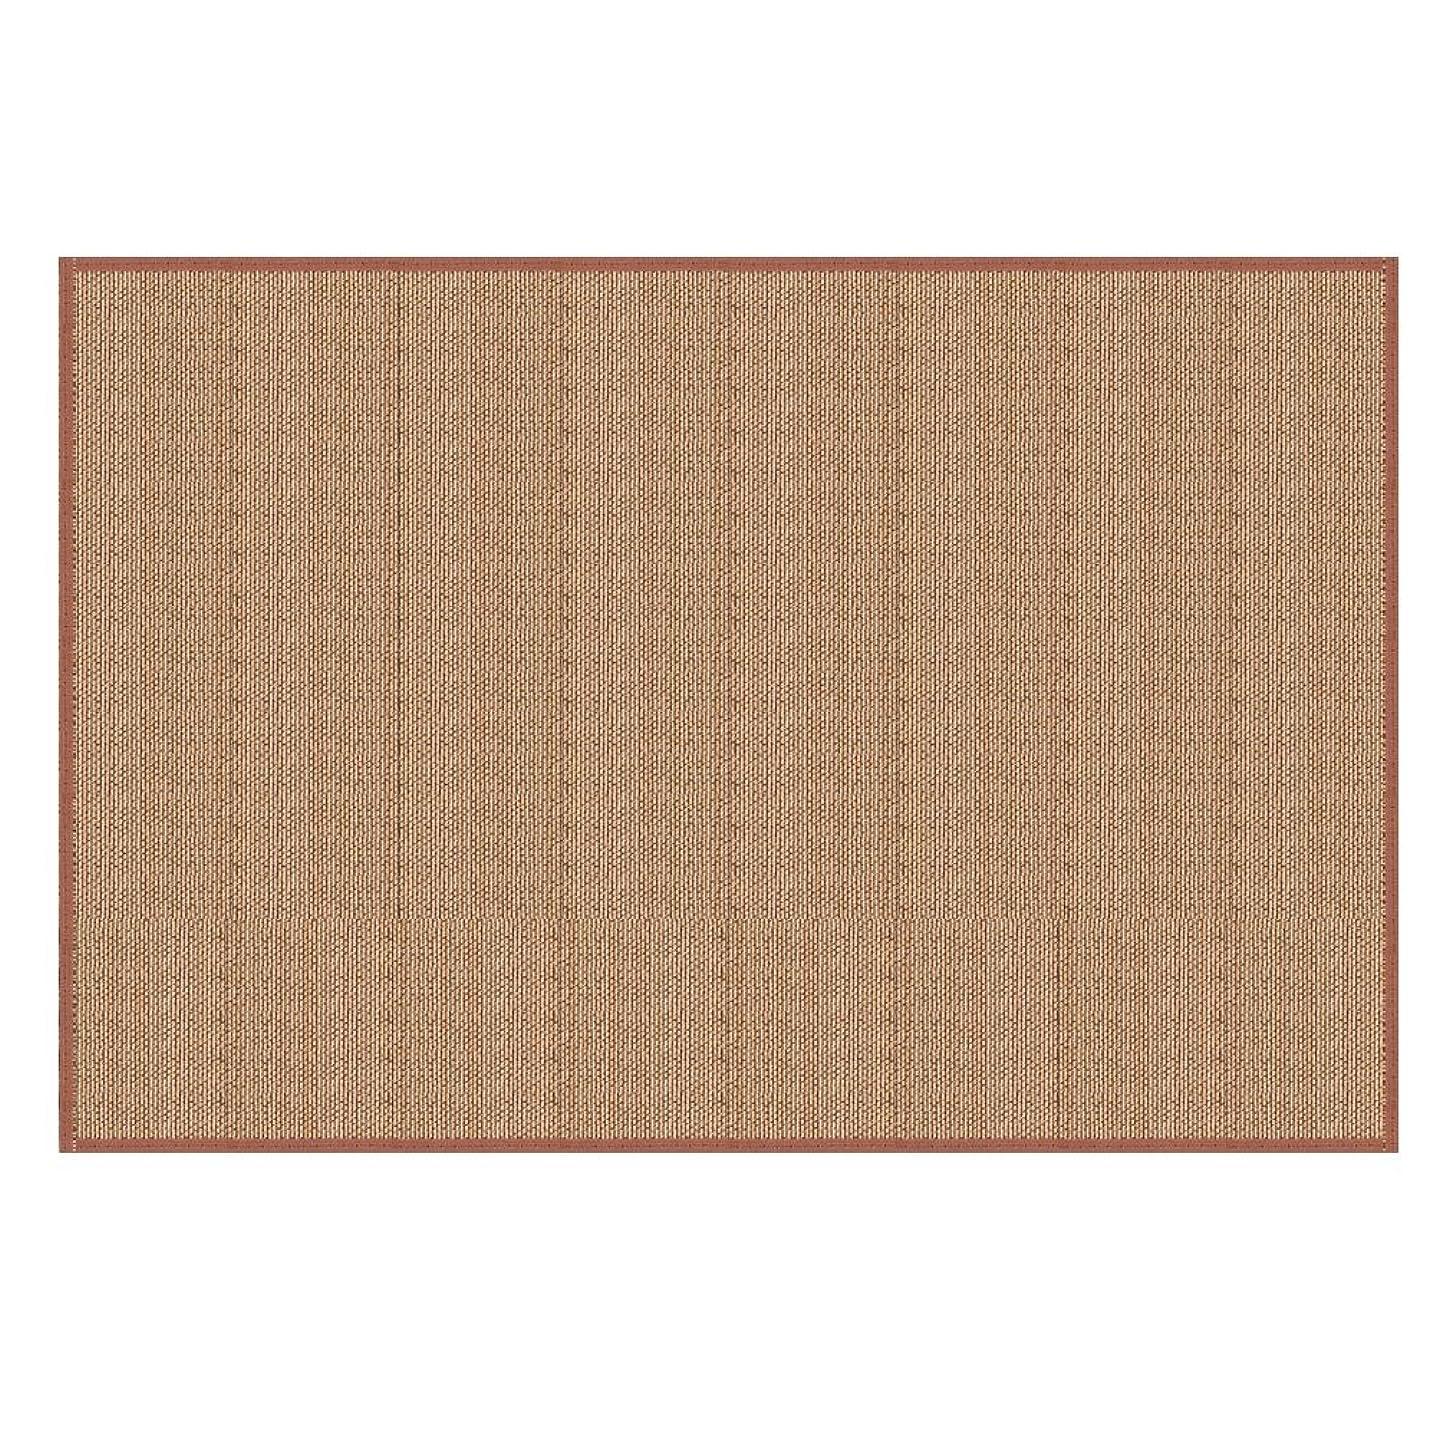 エスカレートプロペラクスコぼん家具 ラグマット 竹製 マット オールシーズン使える ラグ センターラグ カーペット 夏 〔130×190cm〕 ブラウン